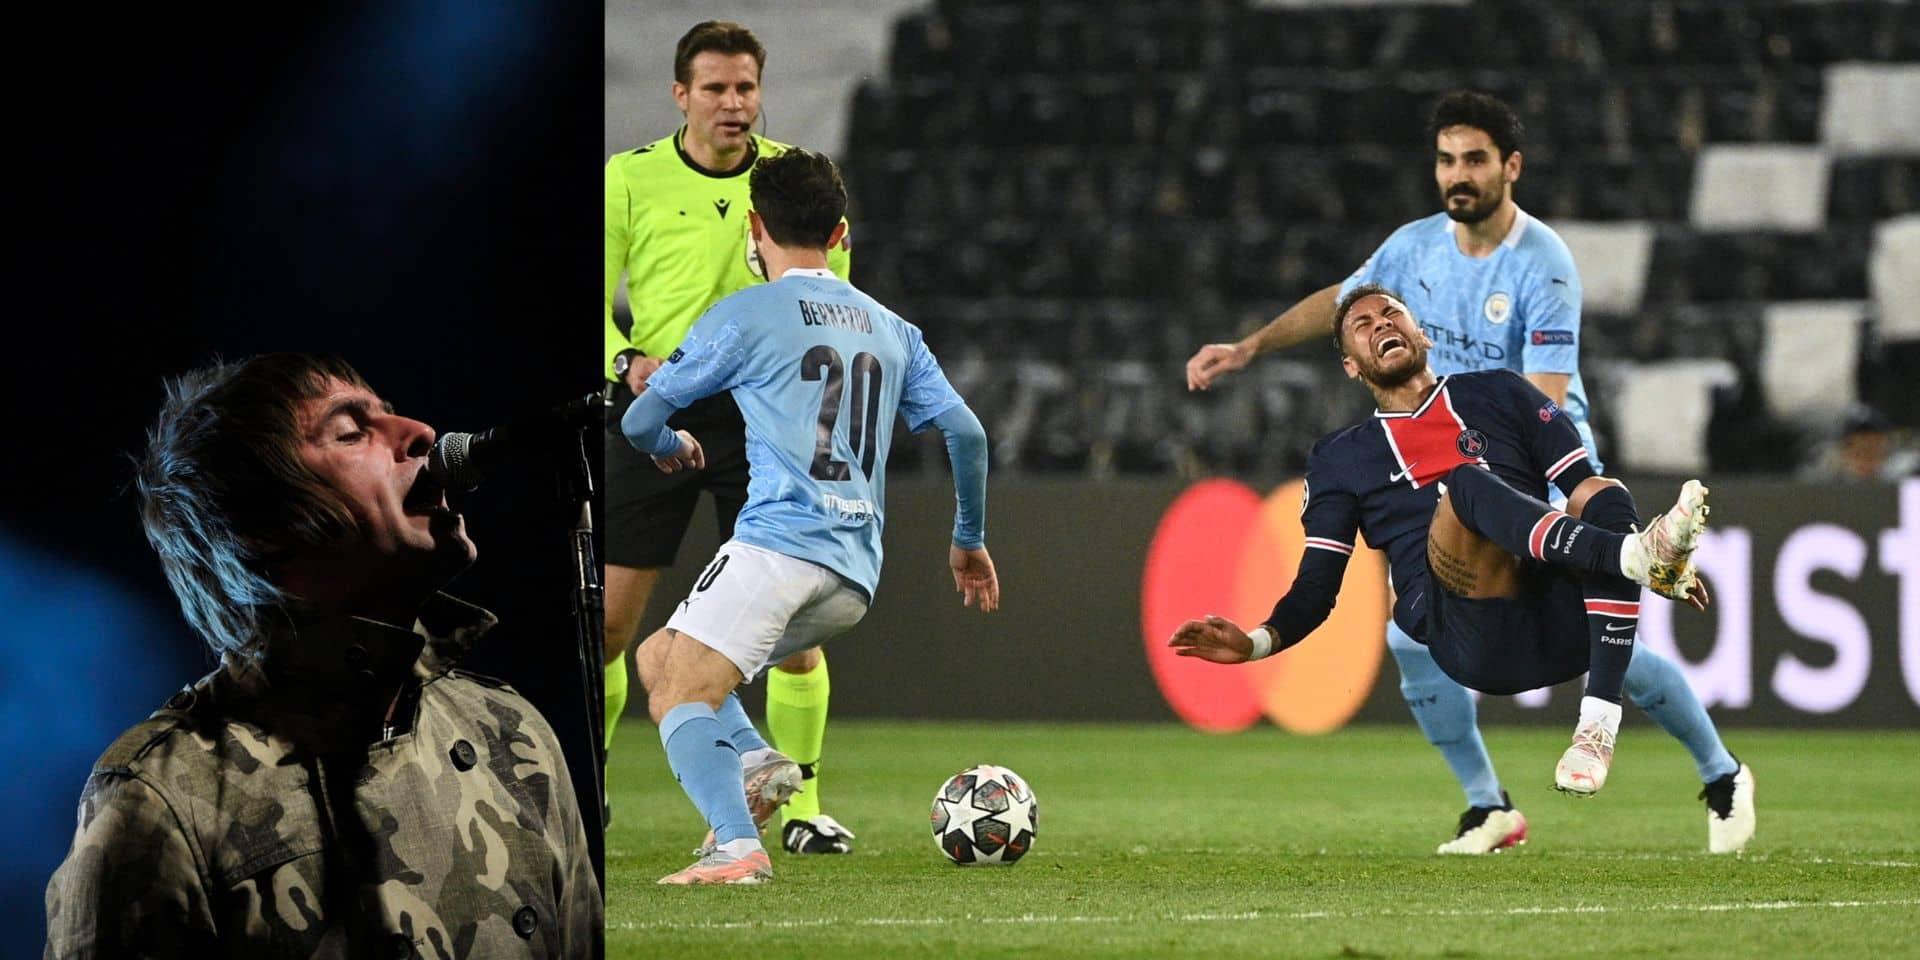 """""""Petit plongeur"""", """"petit con"""": quand Liam Gallagher, l'ancien leader d'Oasis, insulte Neymar"""